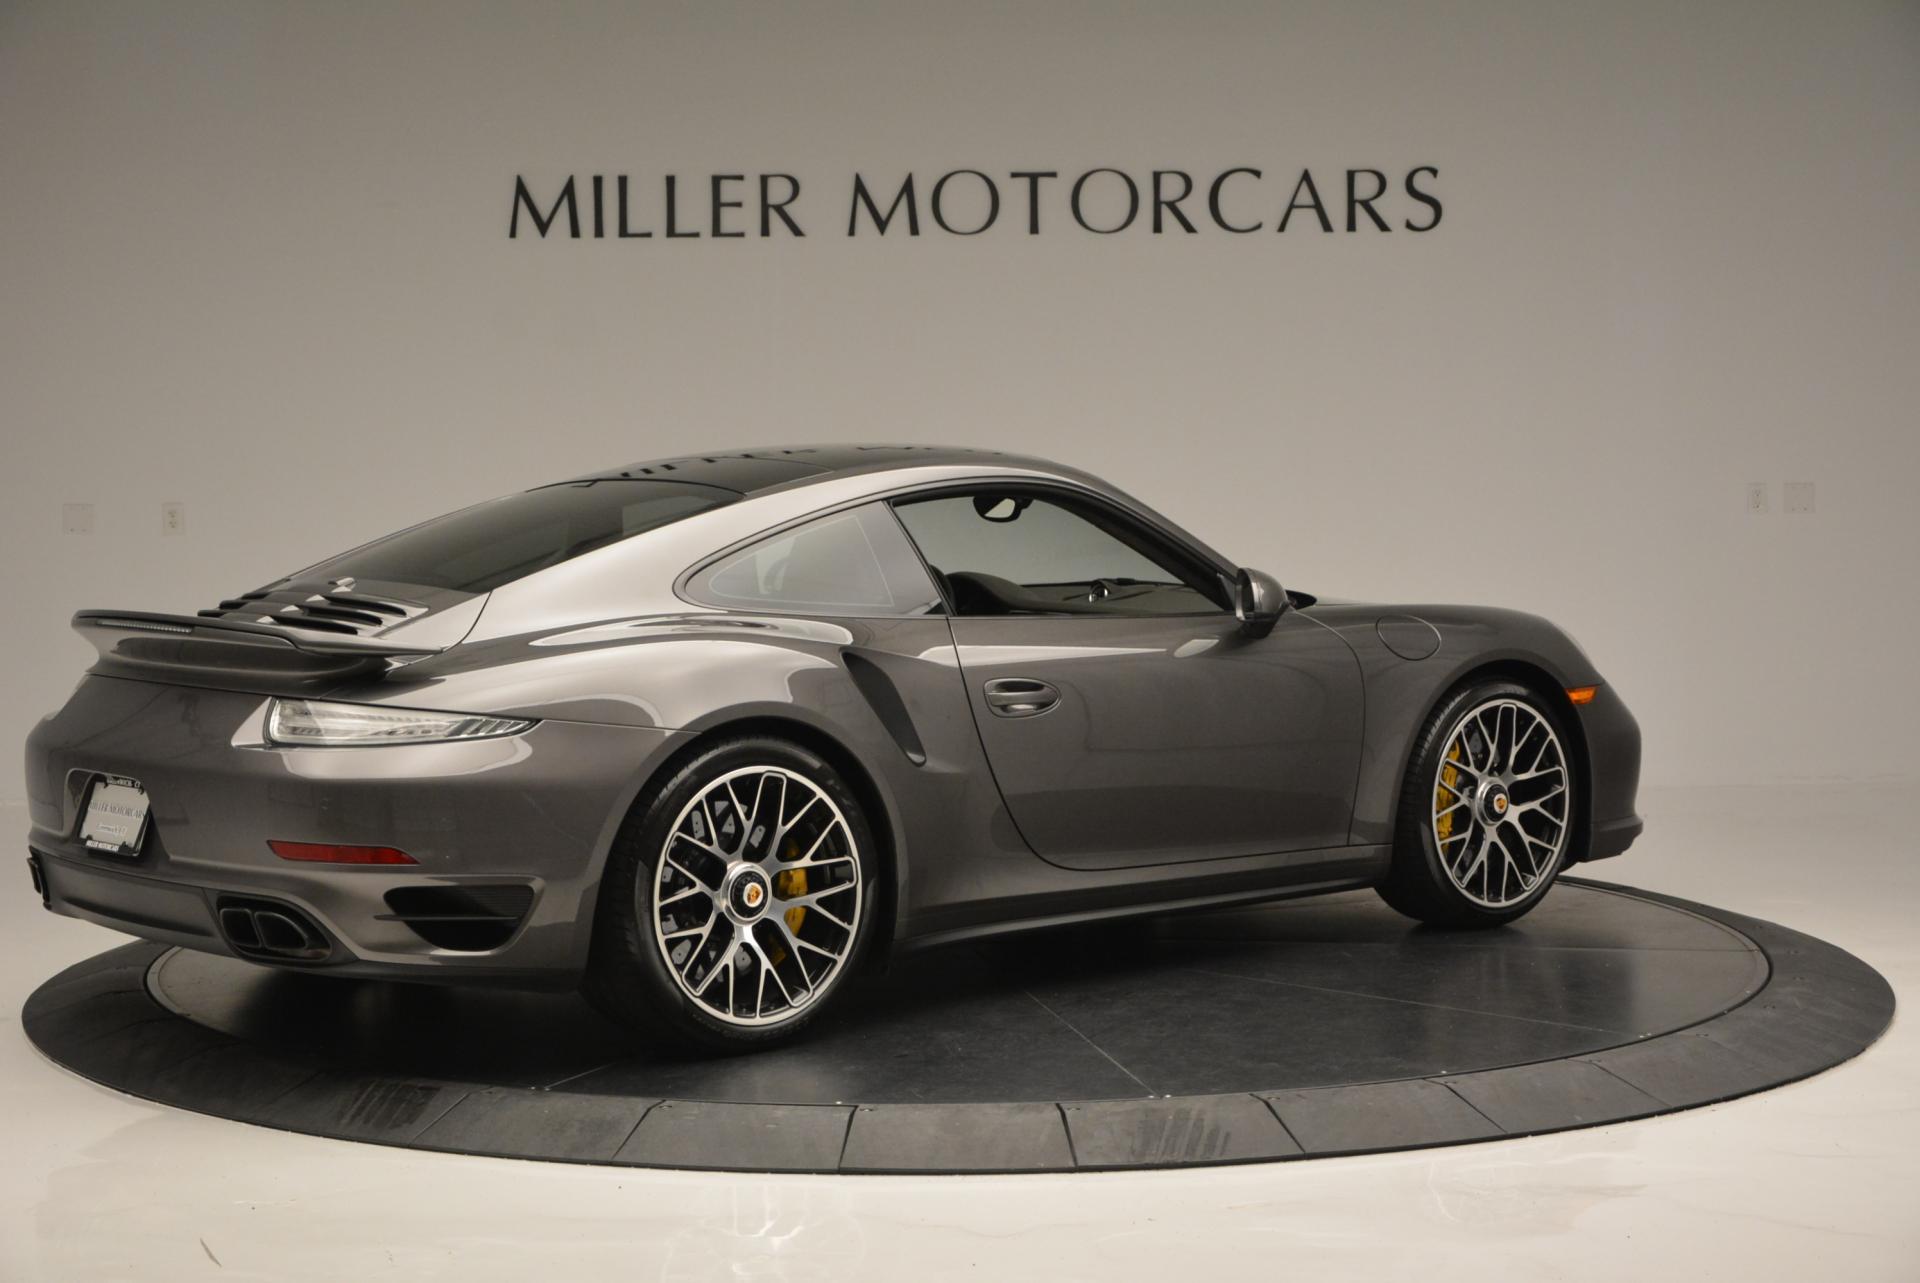 Used 2014 Porsche 911 Turbo S For Sale In Westport, CT 113_p7